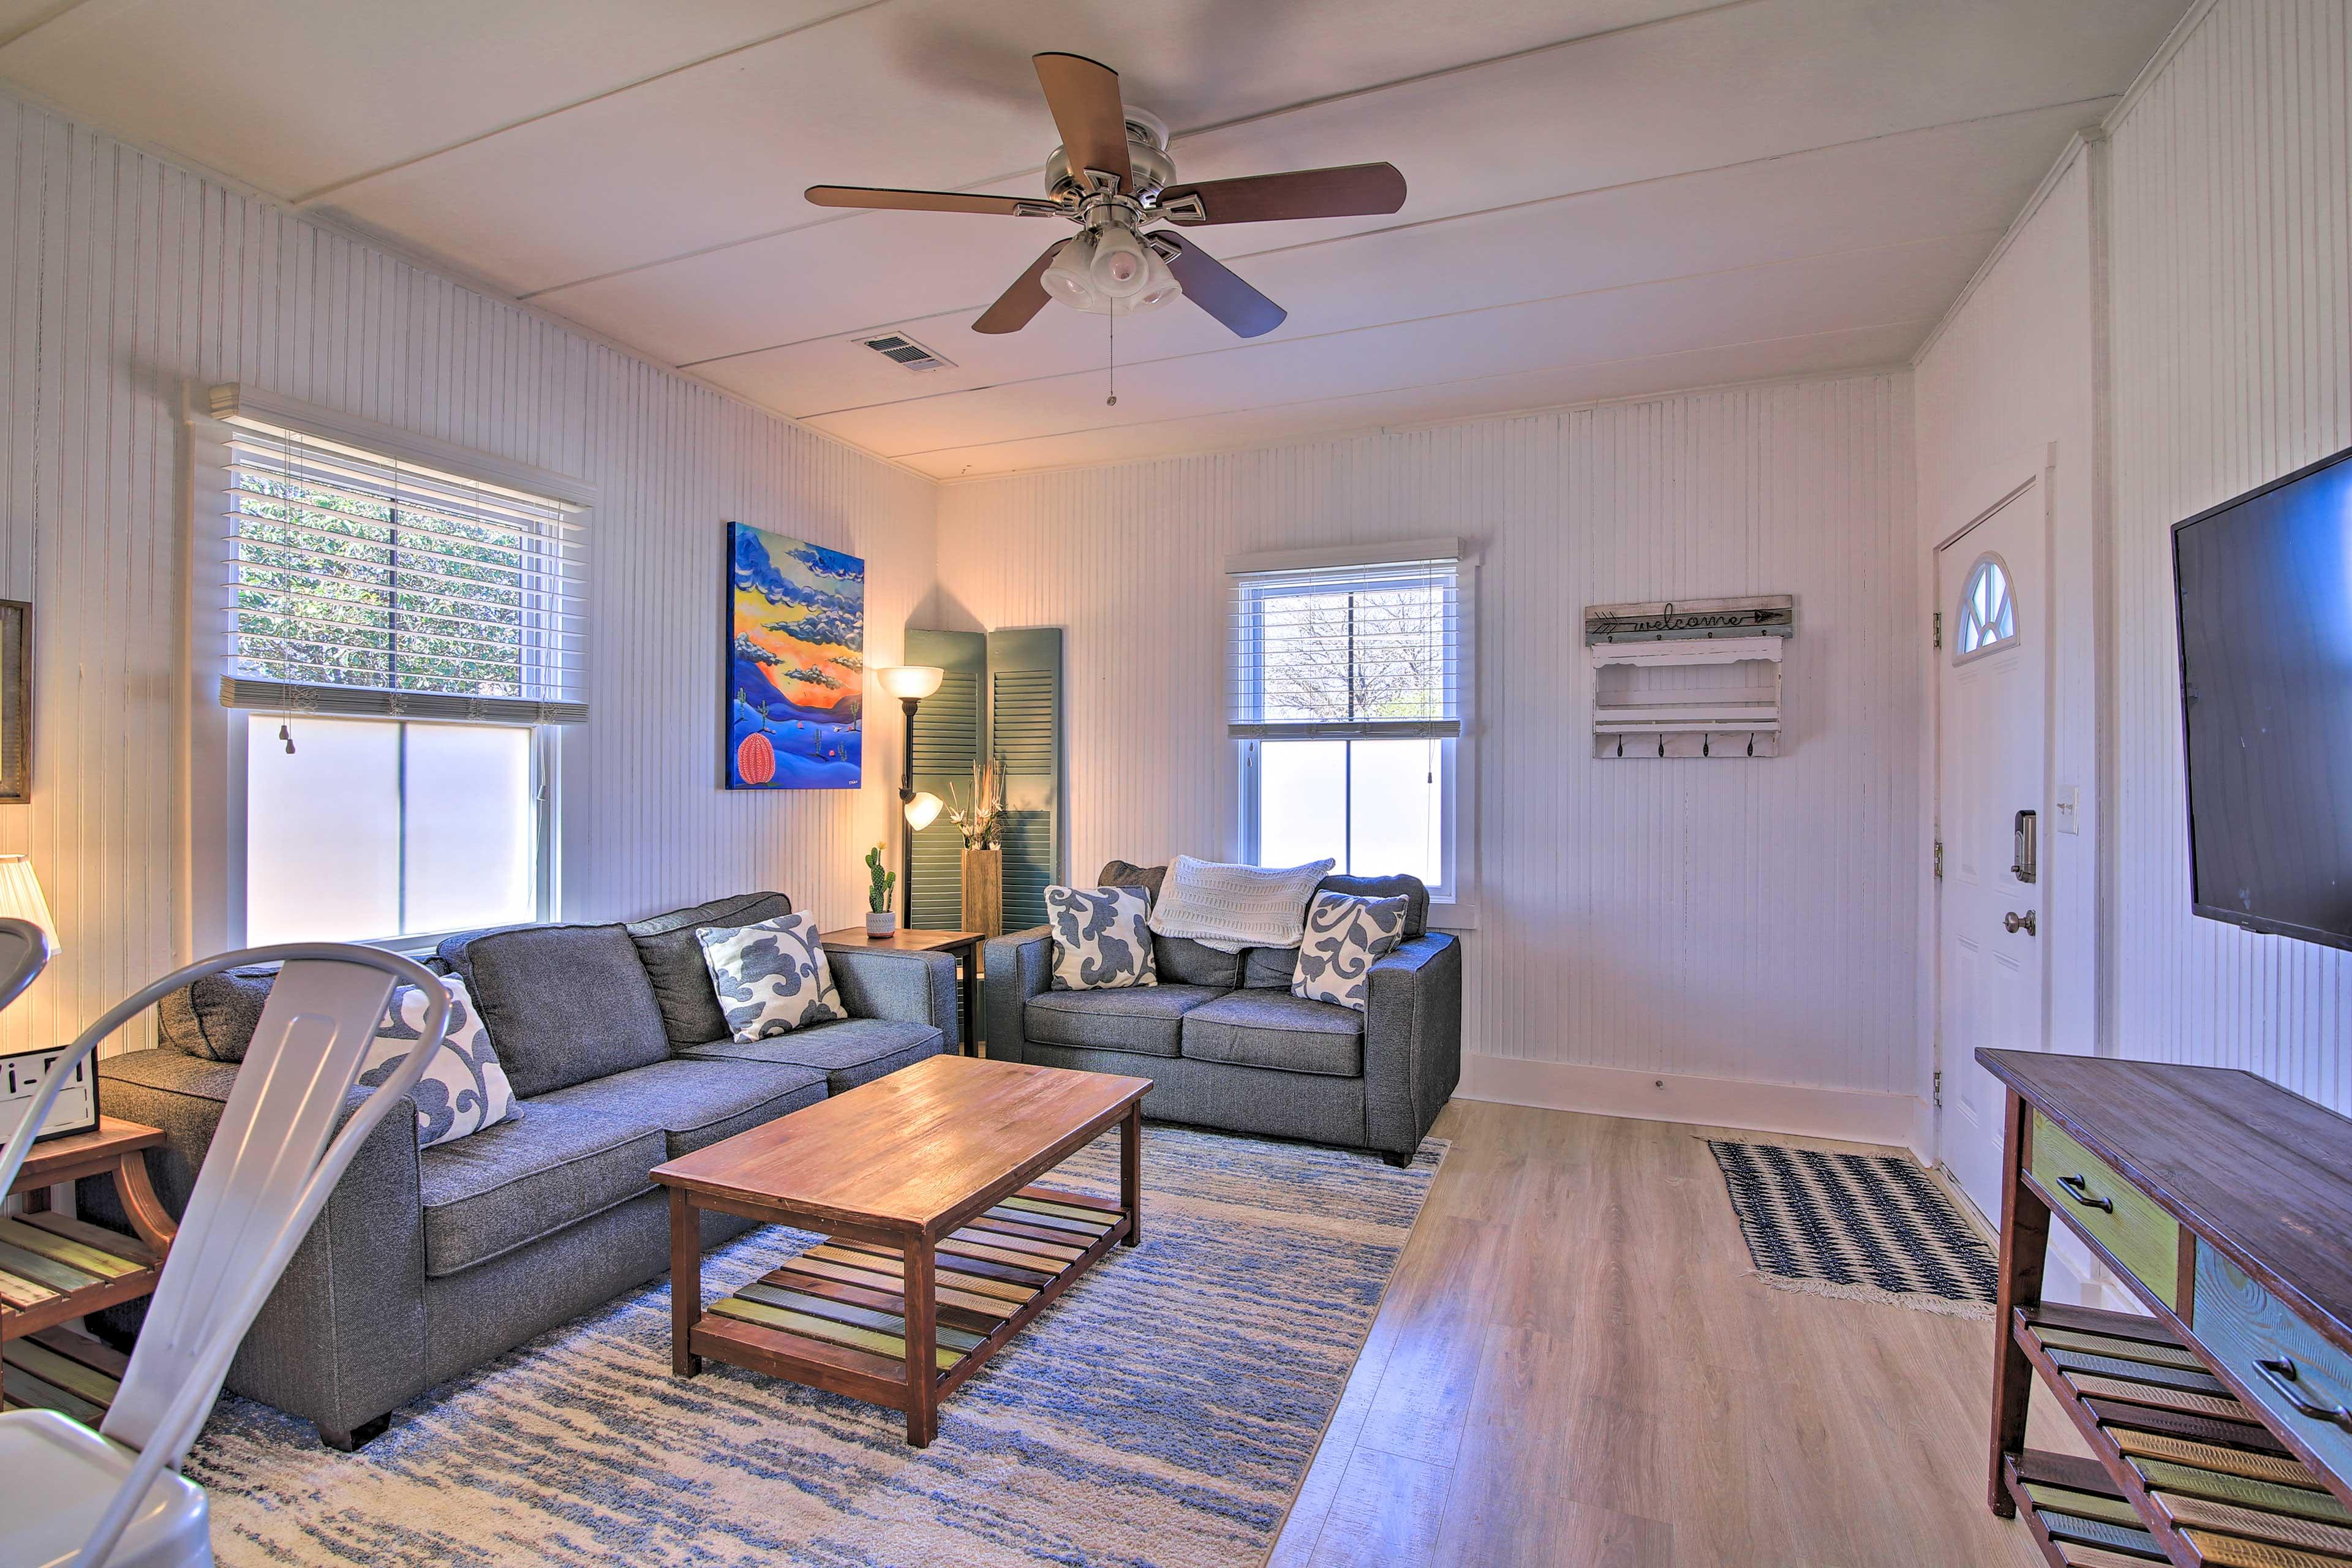 Living Room | Smart TV | Queen Air Mattress | Central A/C